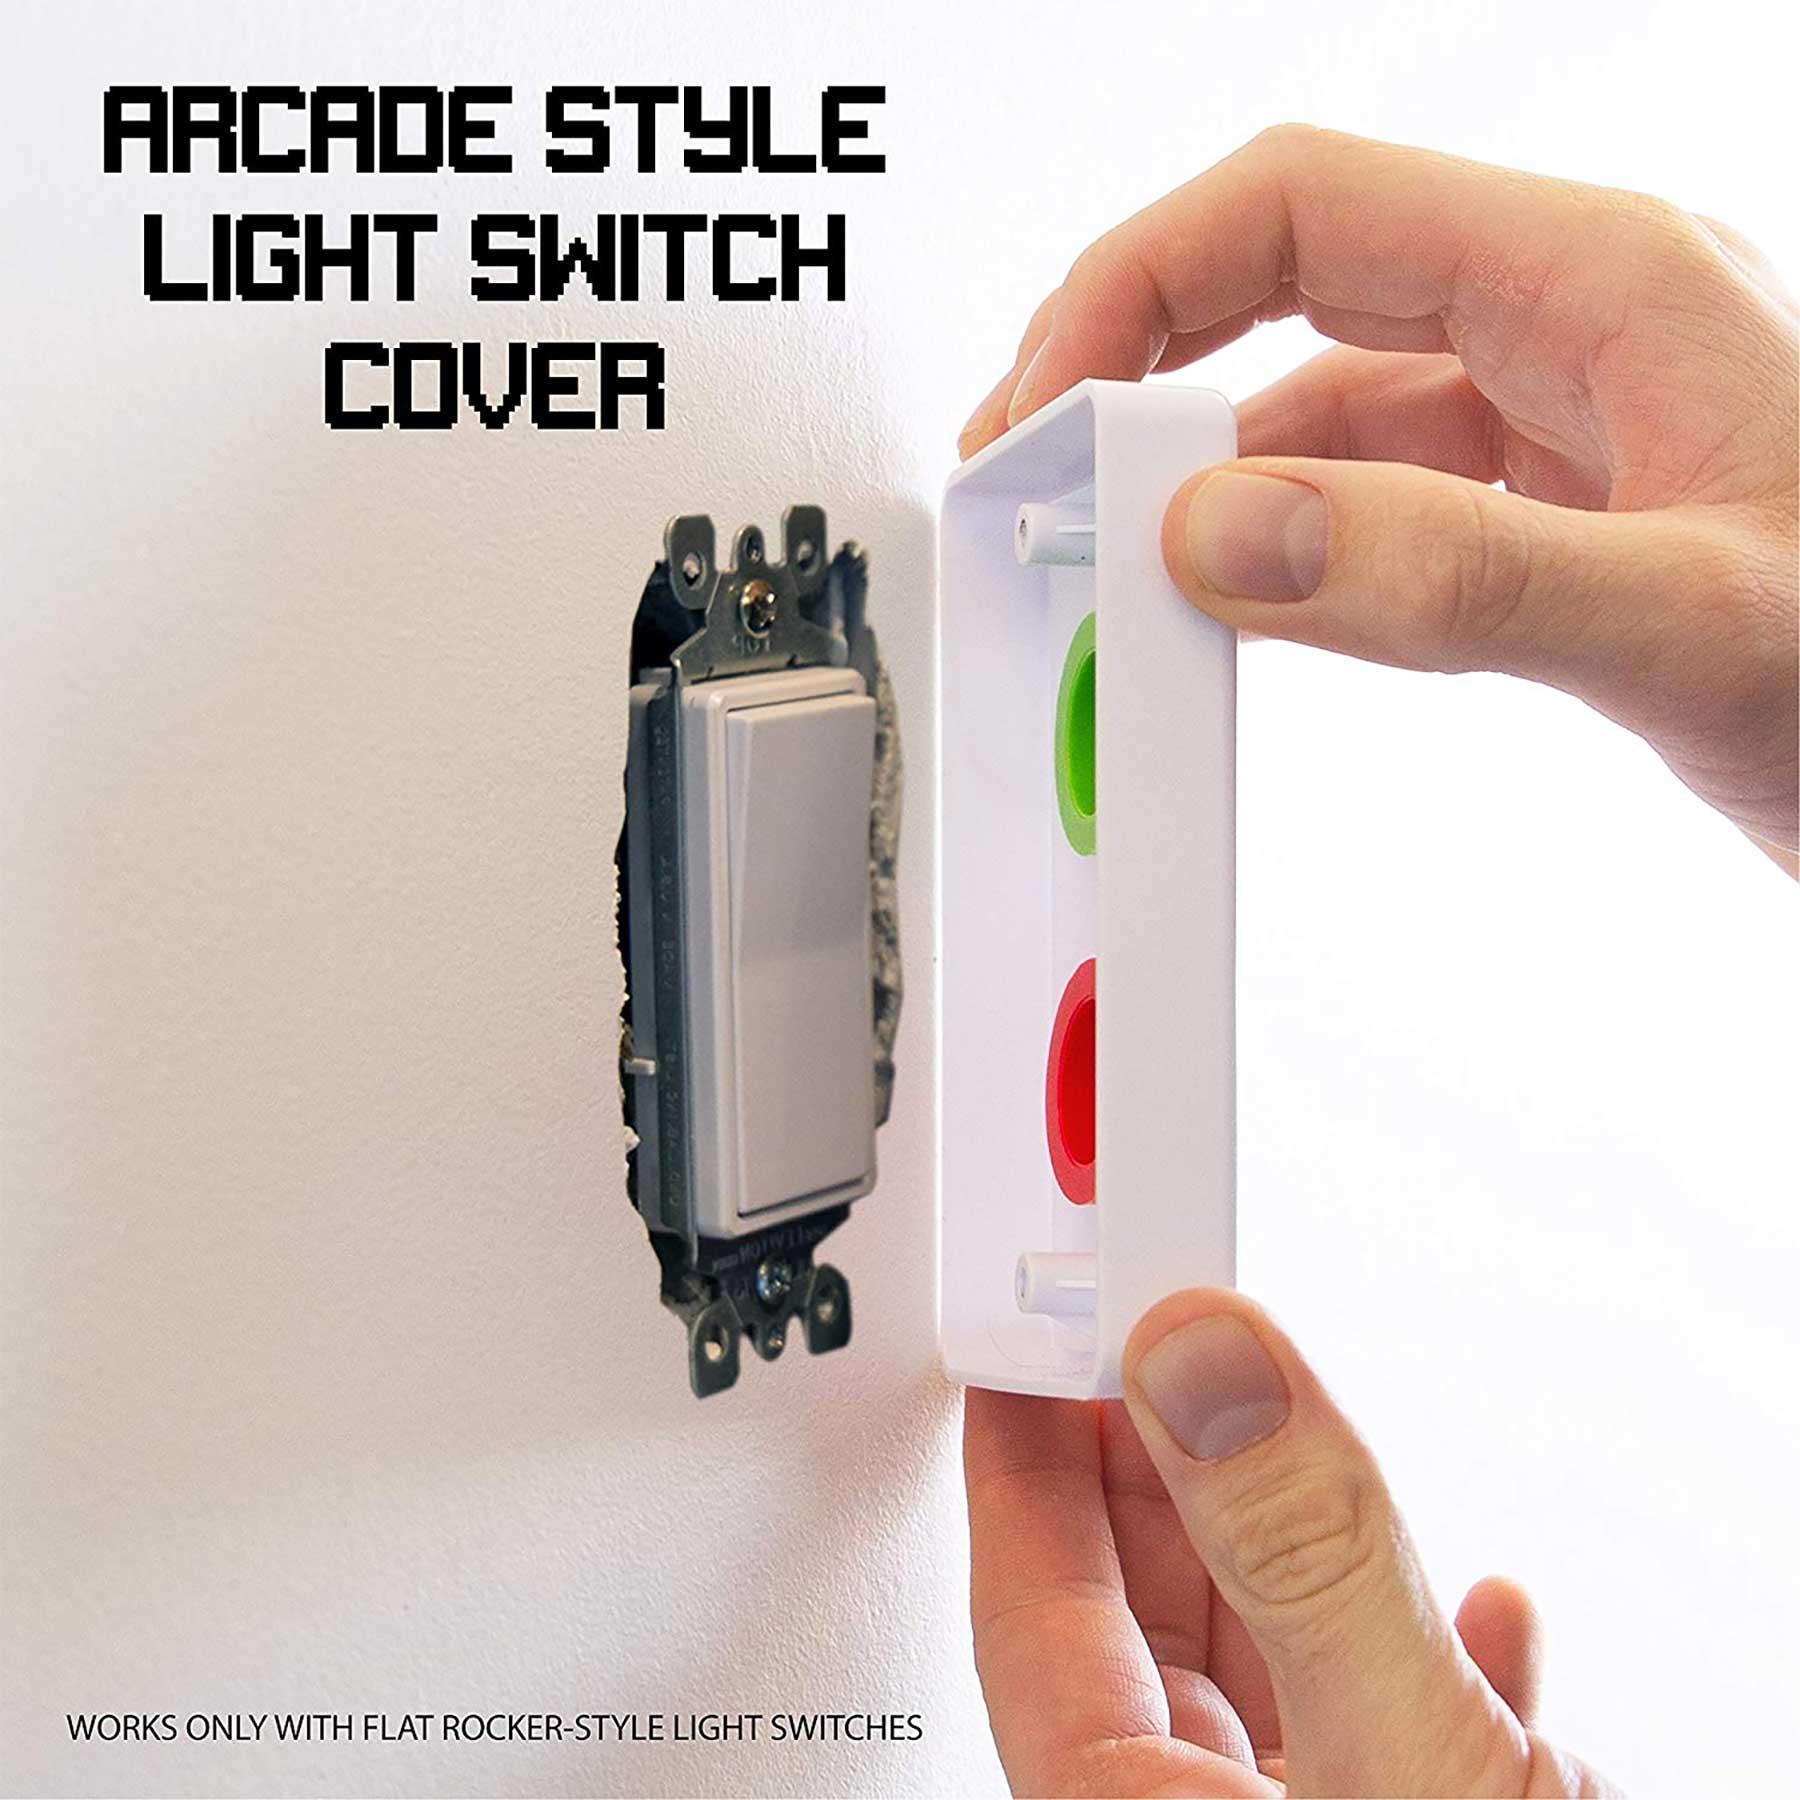 Dieses Verkleidung macht Arcade Buttons aus Lichtschaltern Arcade-buttons-lichtschalterverkleidung_02